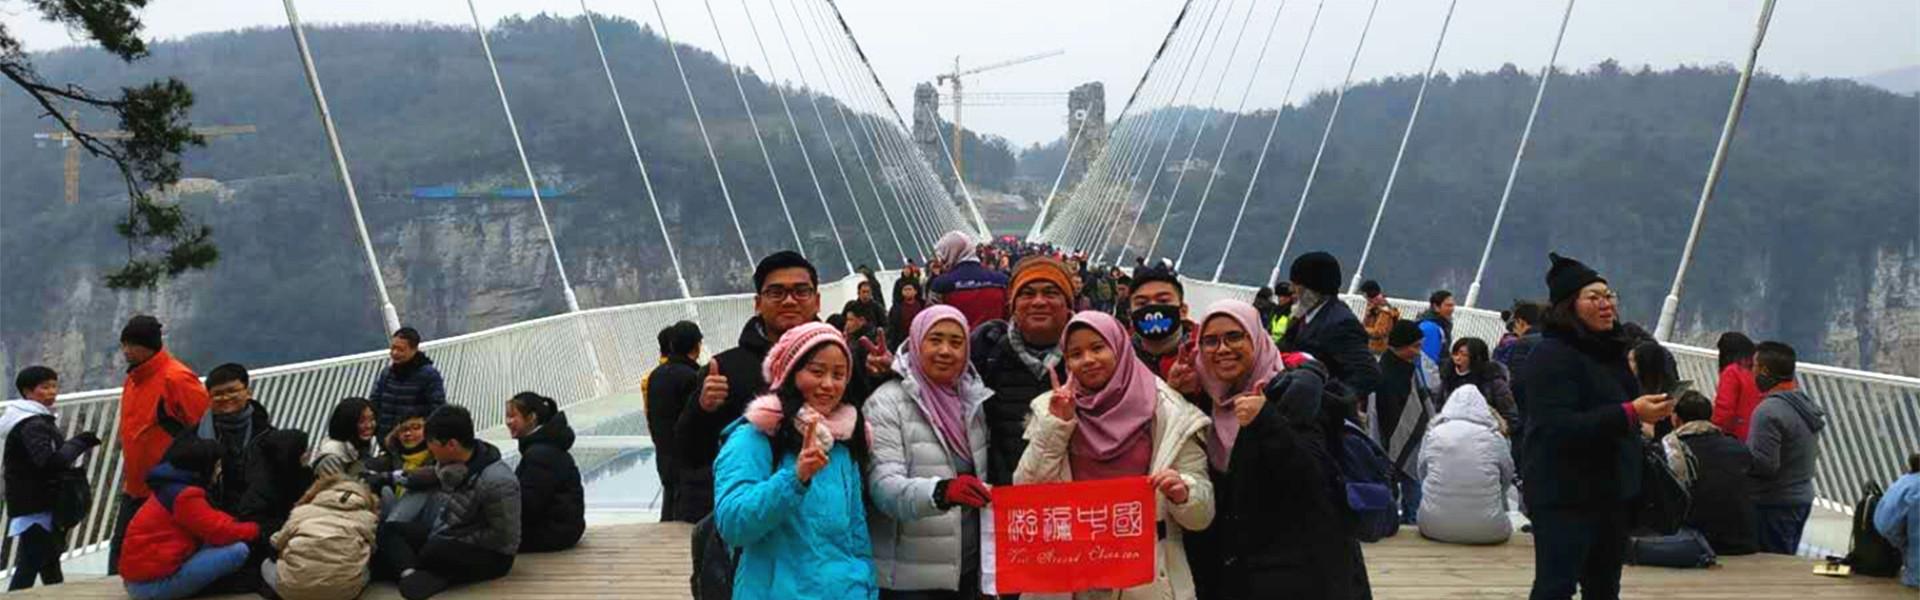 6 Days Muslim Hunan Tour